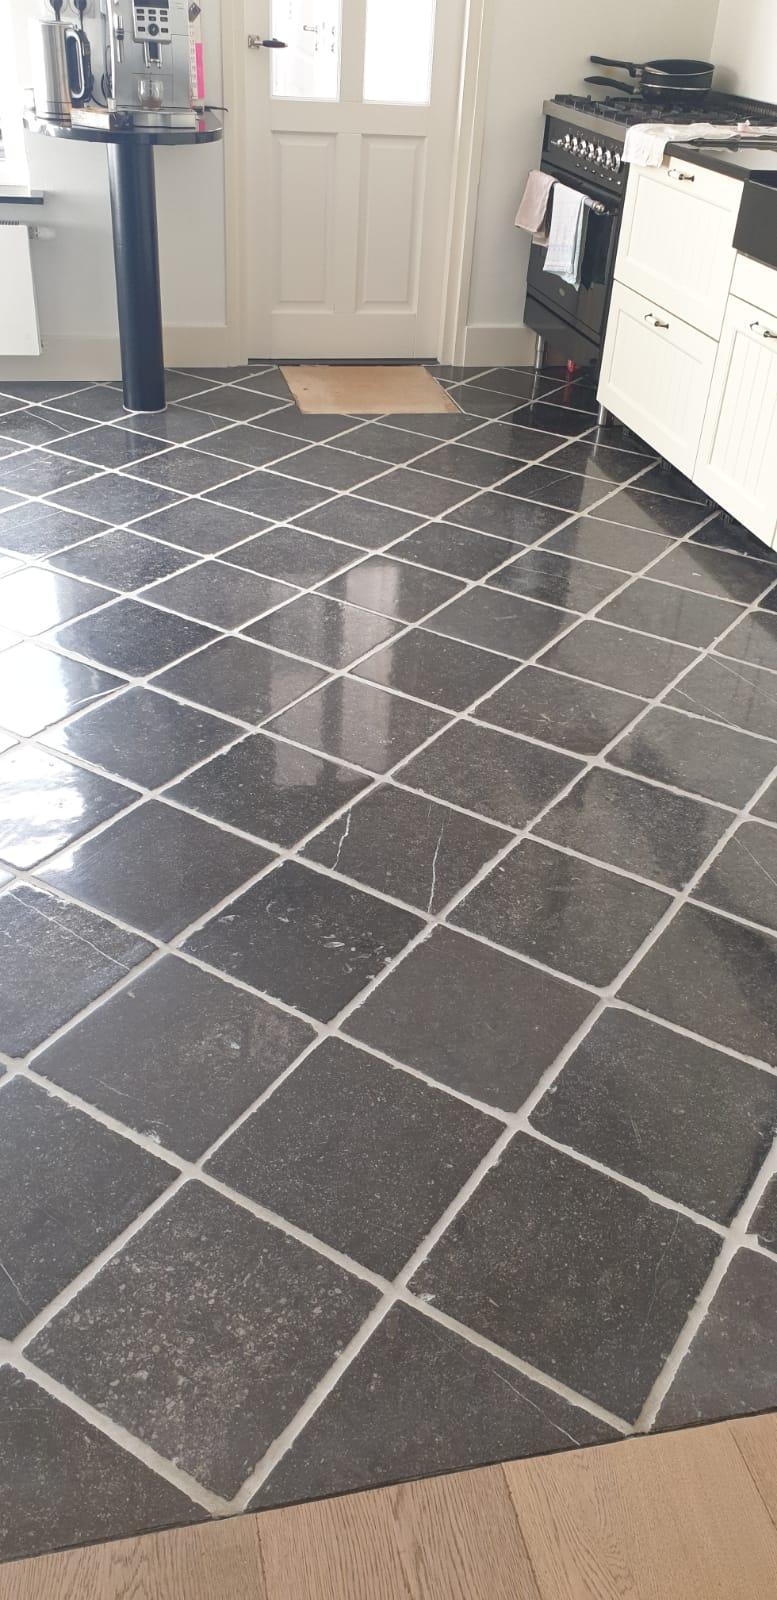 Na Reiniging Belgisch hardsteen vloer keuken